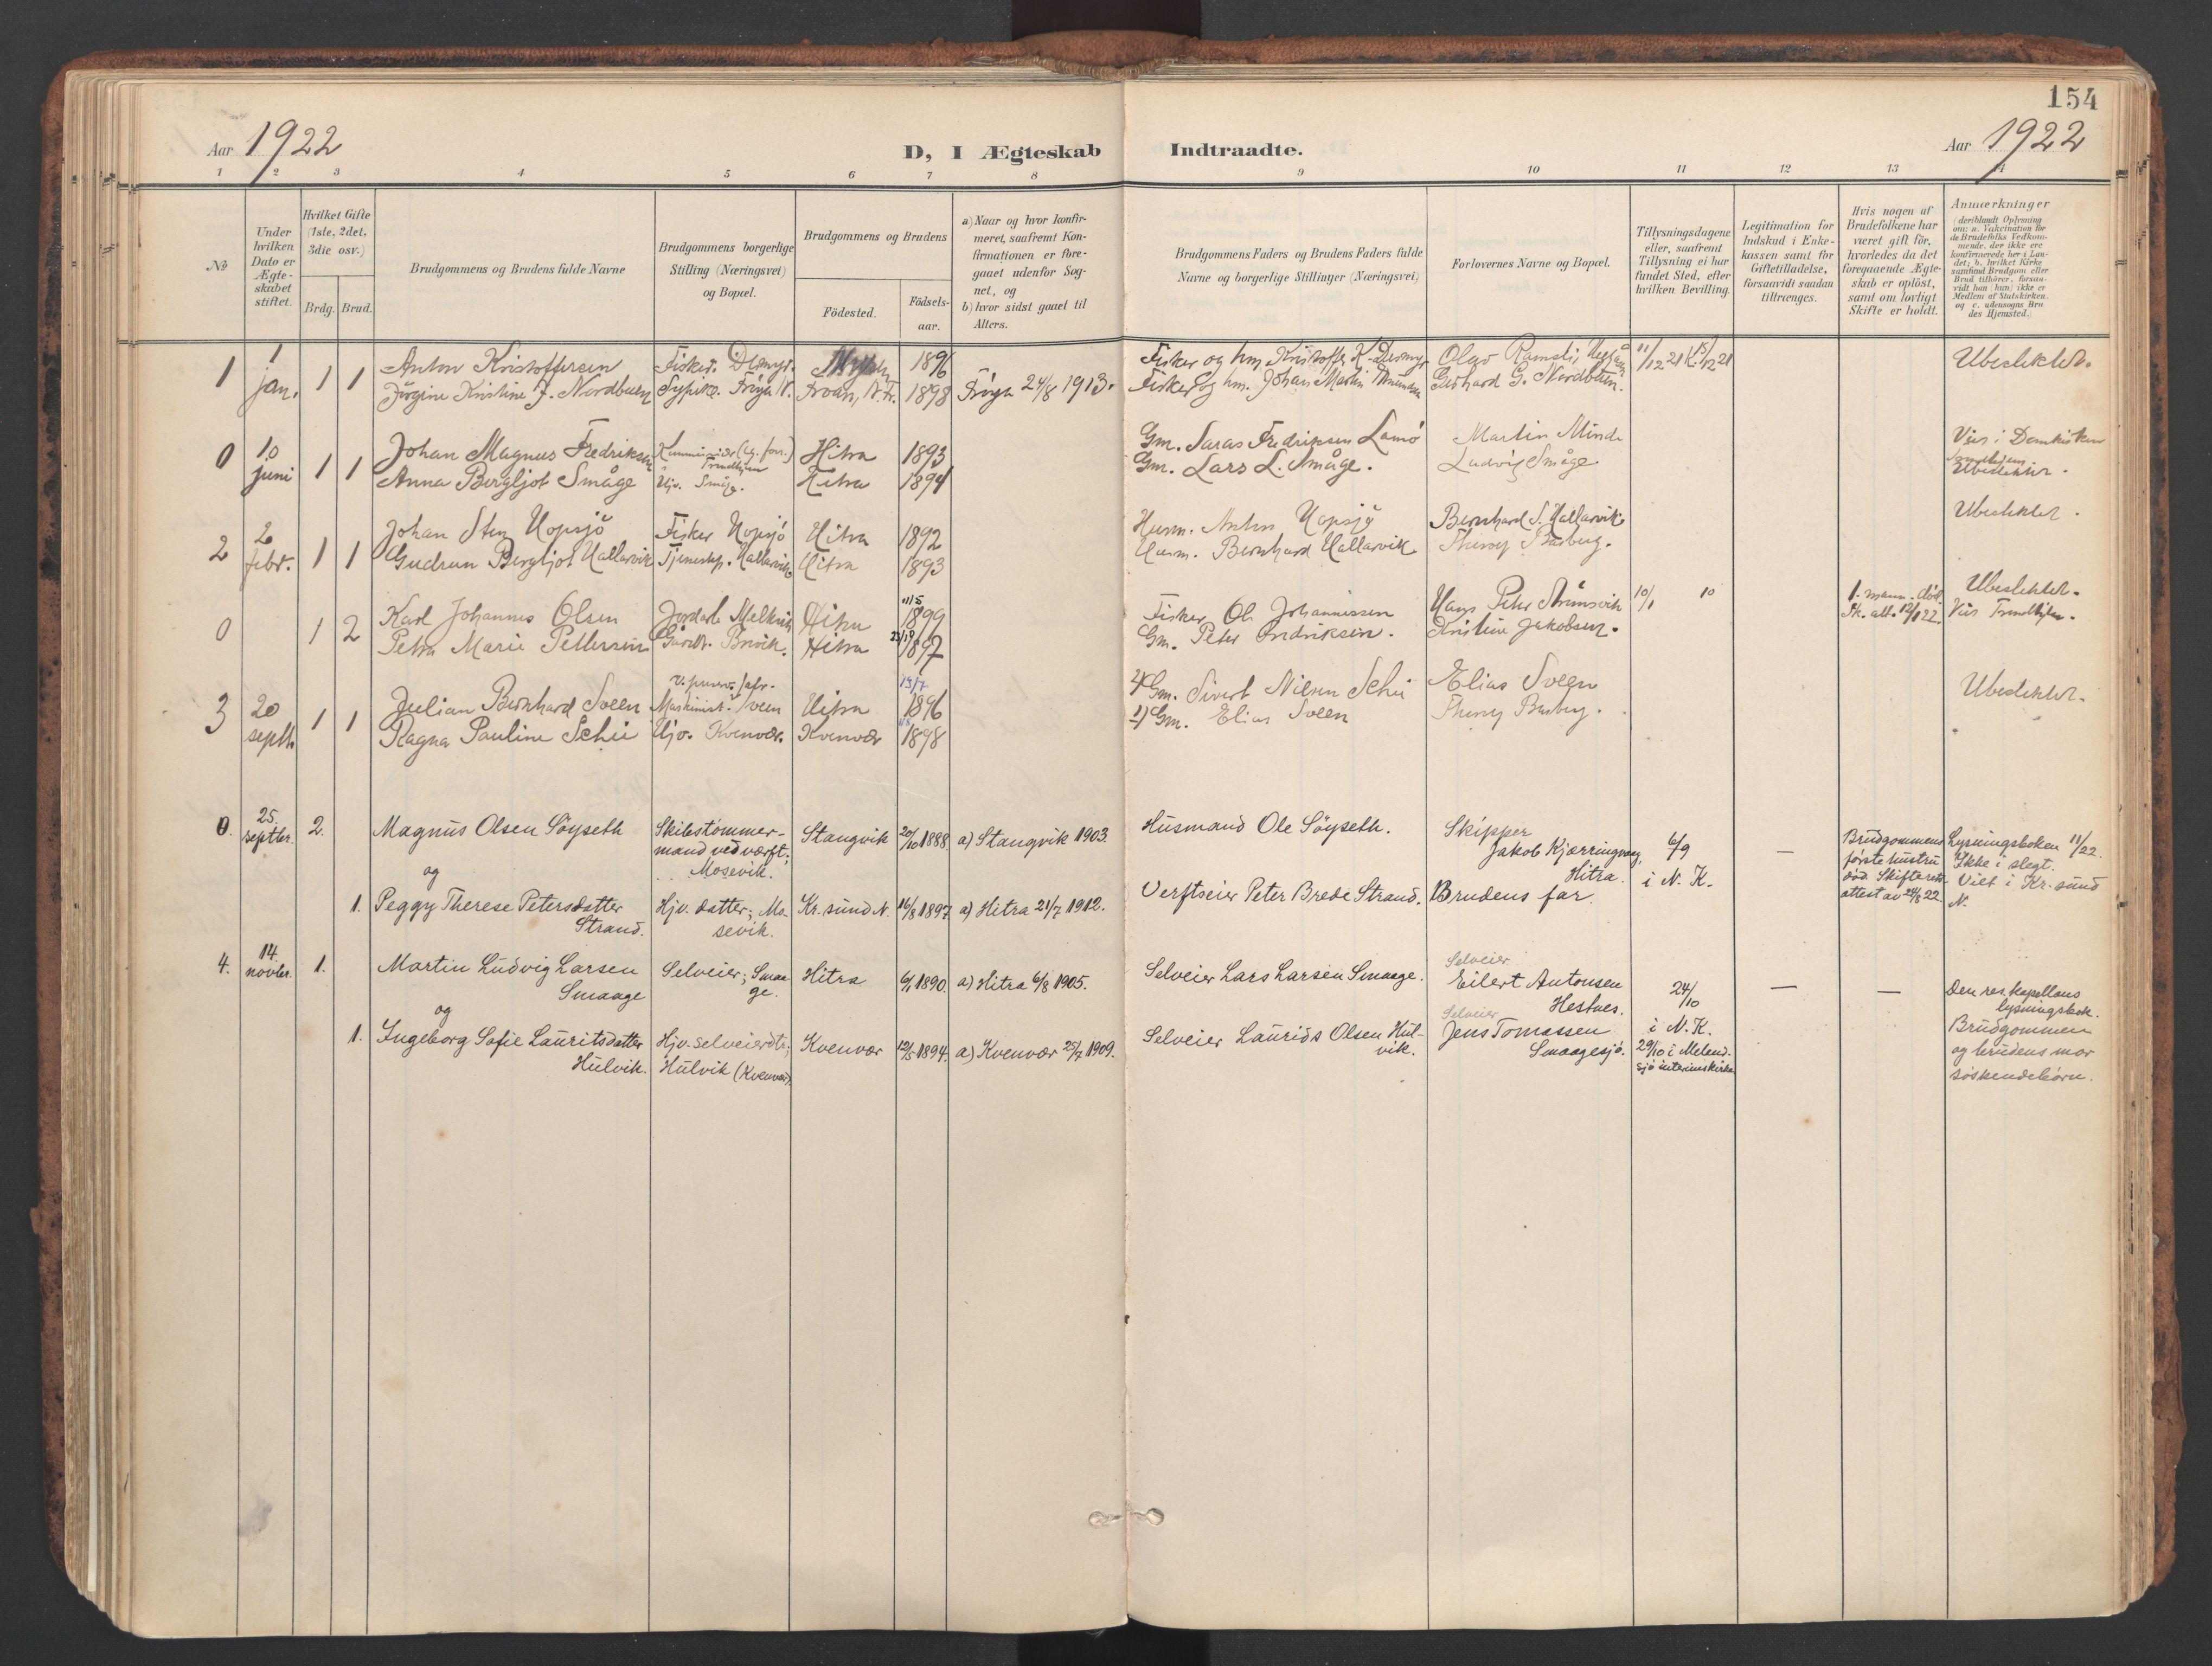 SAT, Ministerialprotokoller, klokkerbøker og fødselsregistre - Sør-Trøndelag, 634/L0537: Ministerialbok nr. 634A13, 1896-1922, s. 154